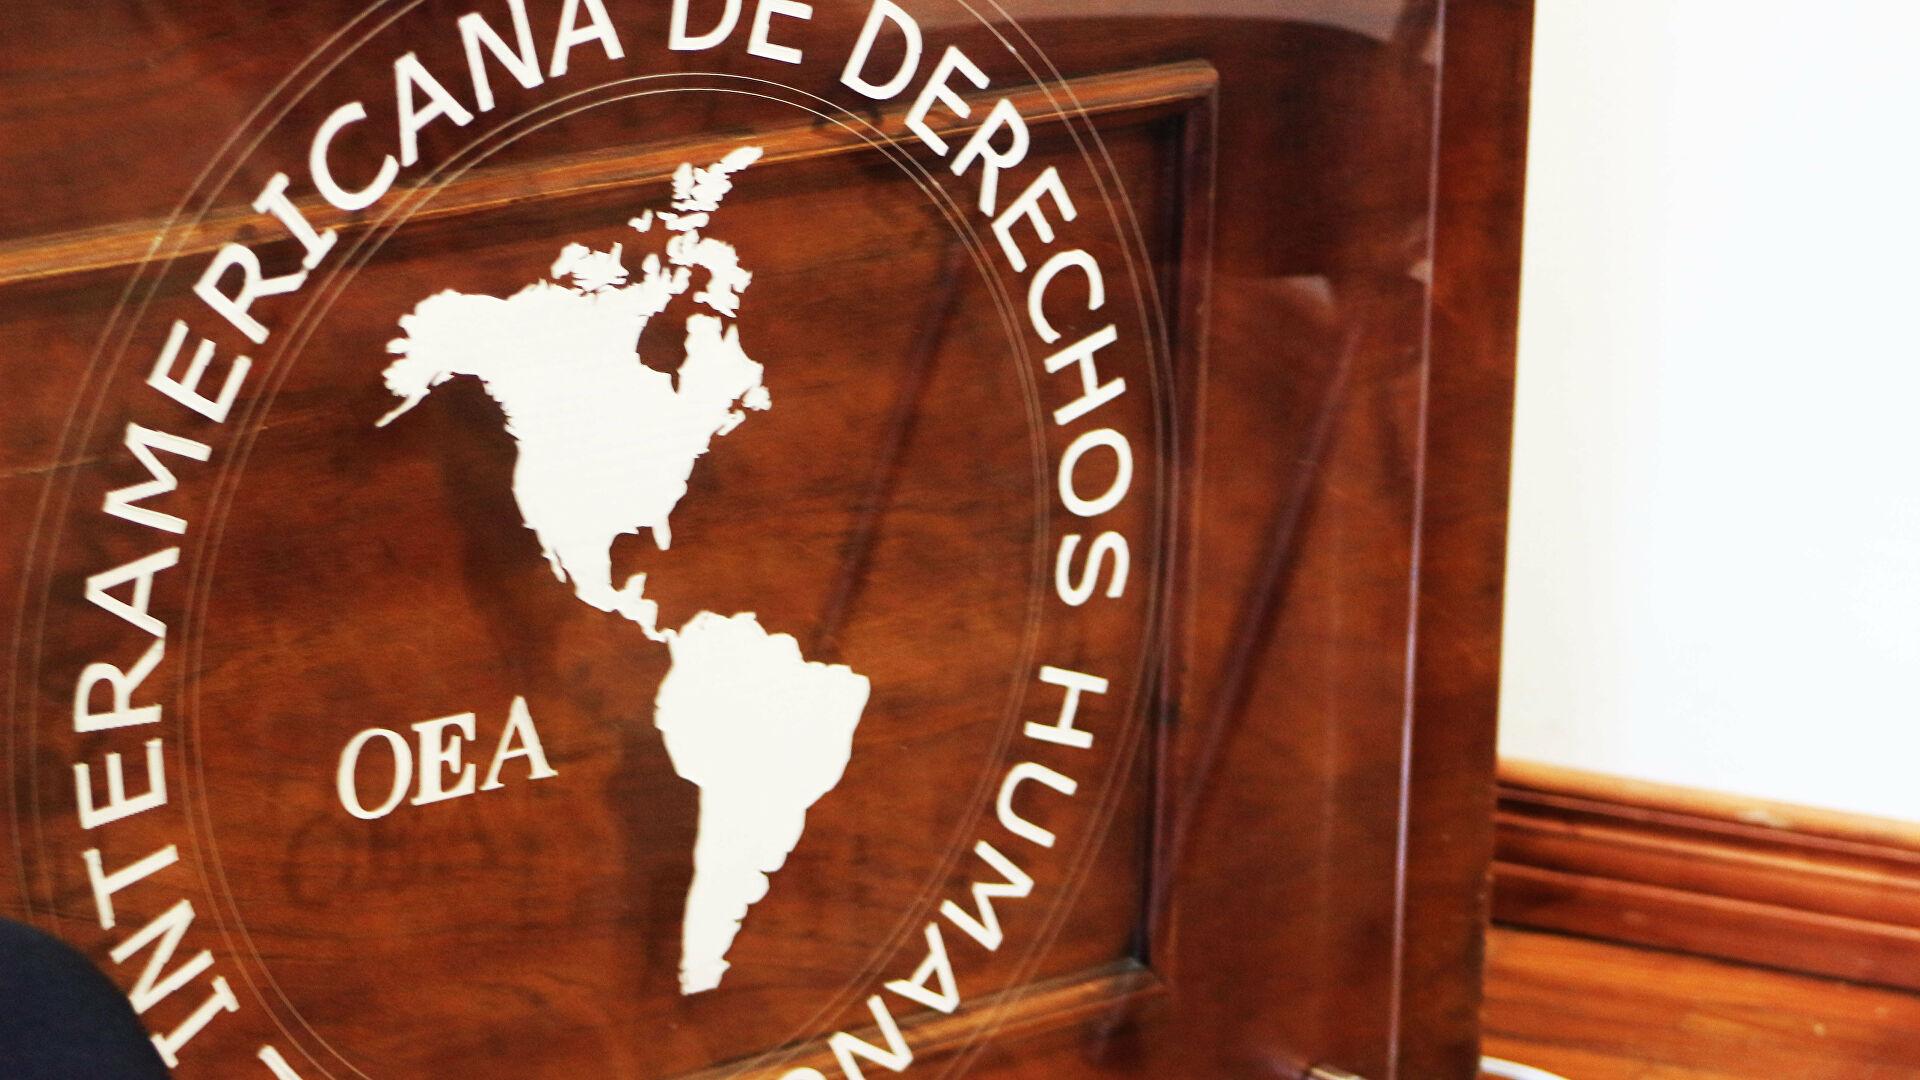 La Corte Interamericana de Derechos Humanos declaró al Estado venezolano responsable de dos ejecuciones extrajudiciales